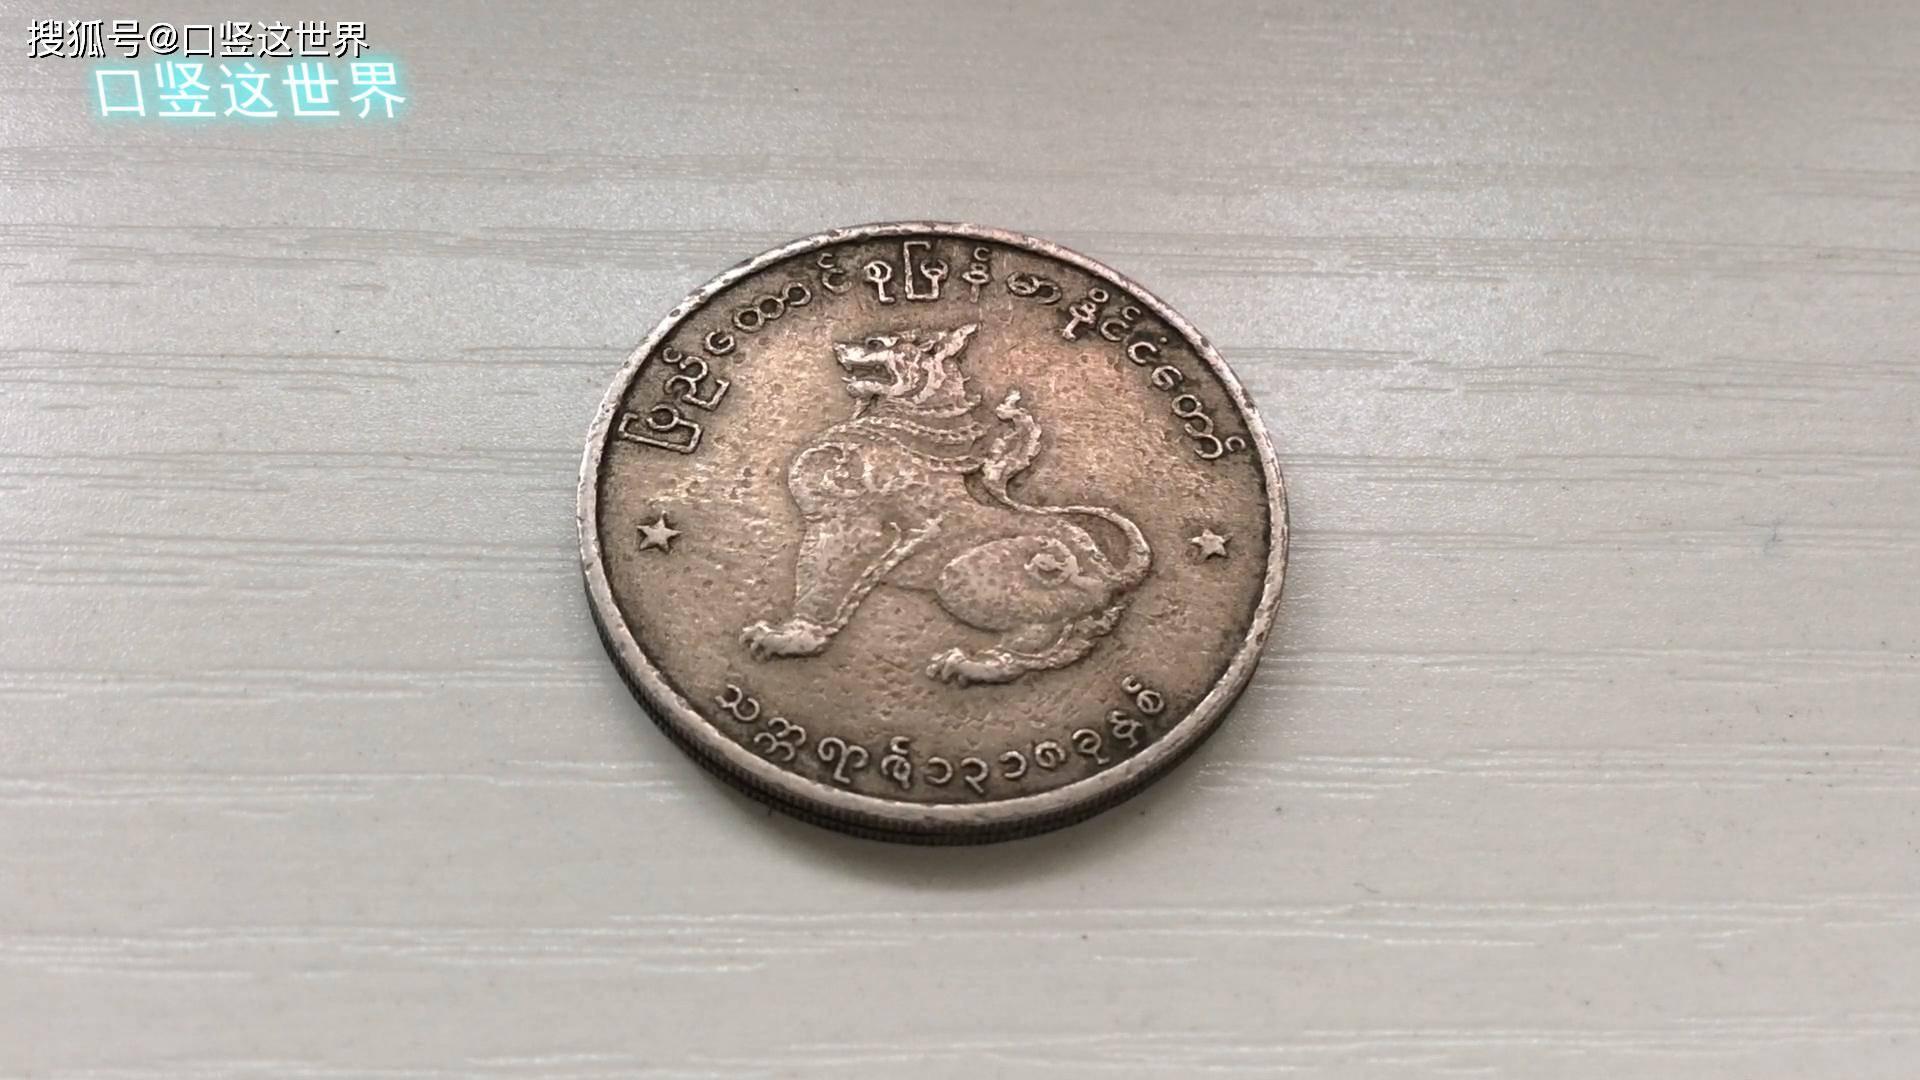 缅甸1952年版的50分